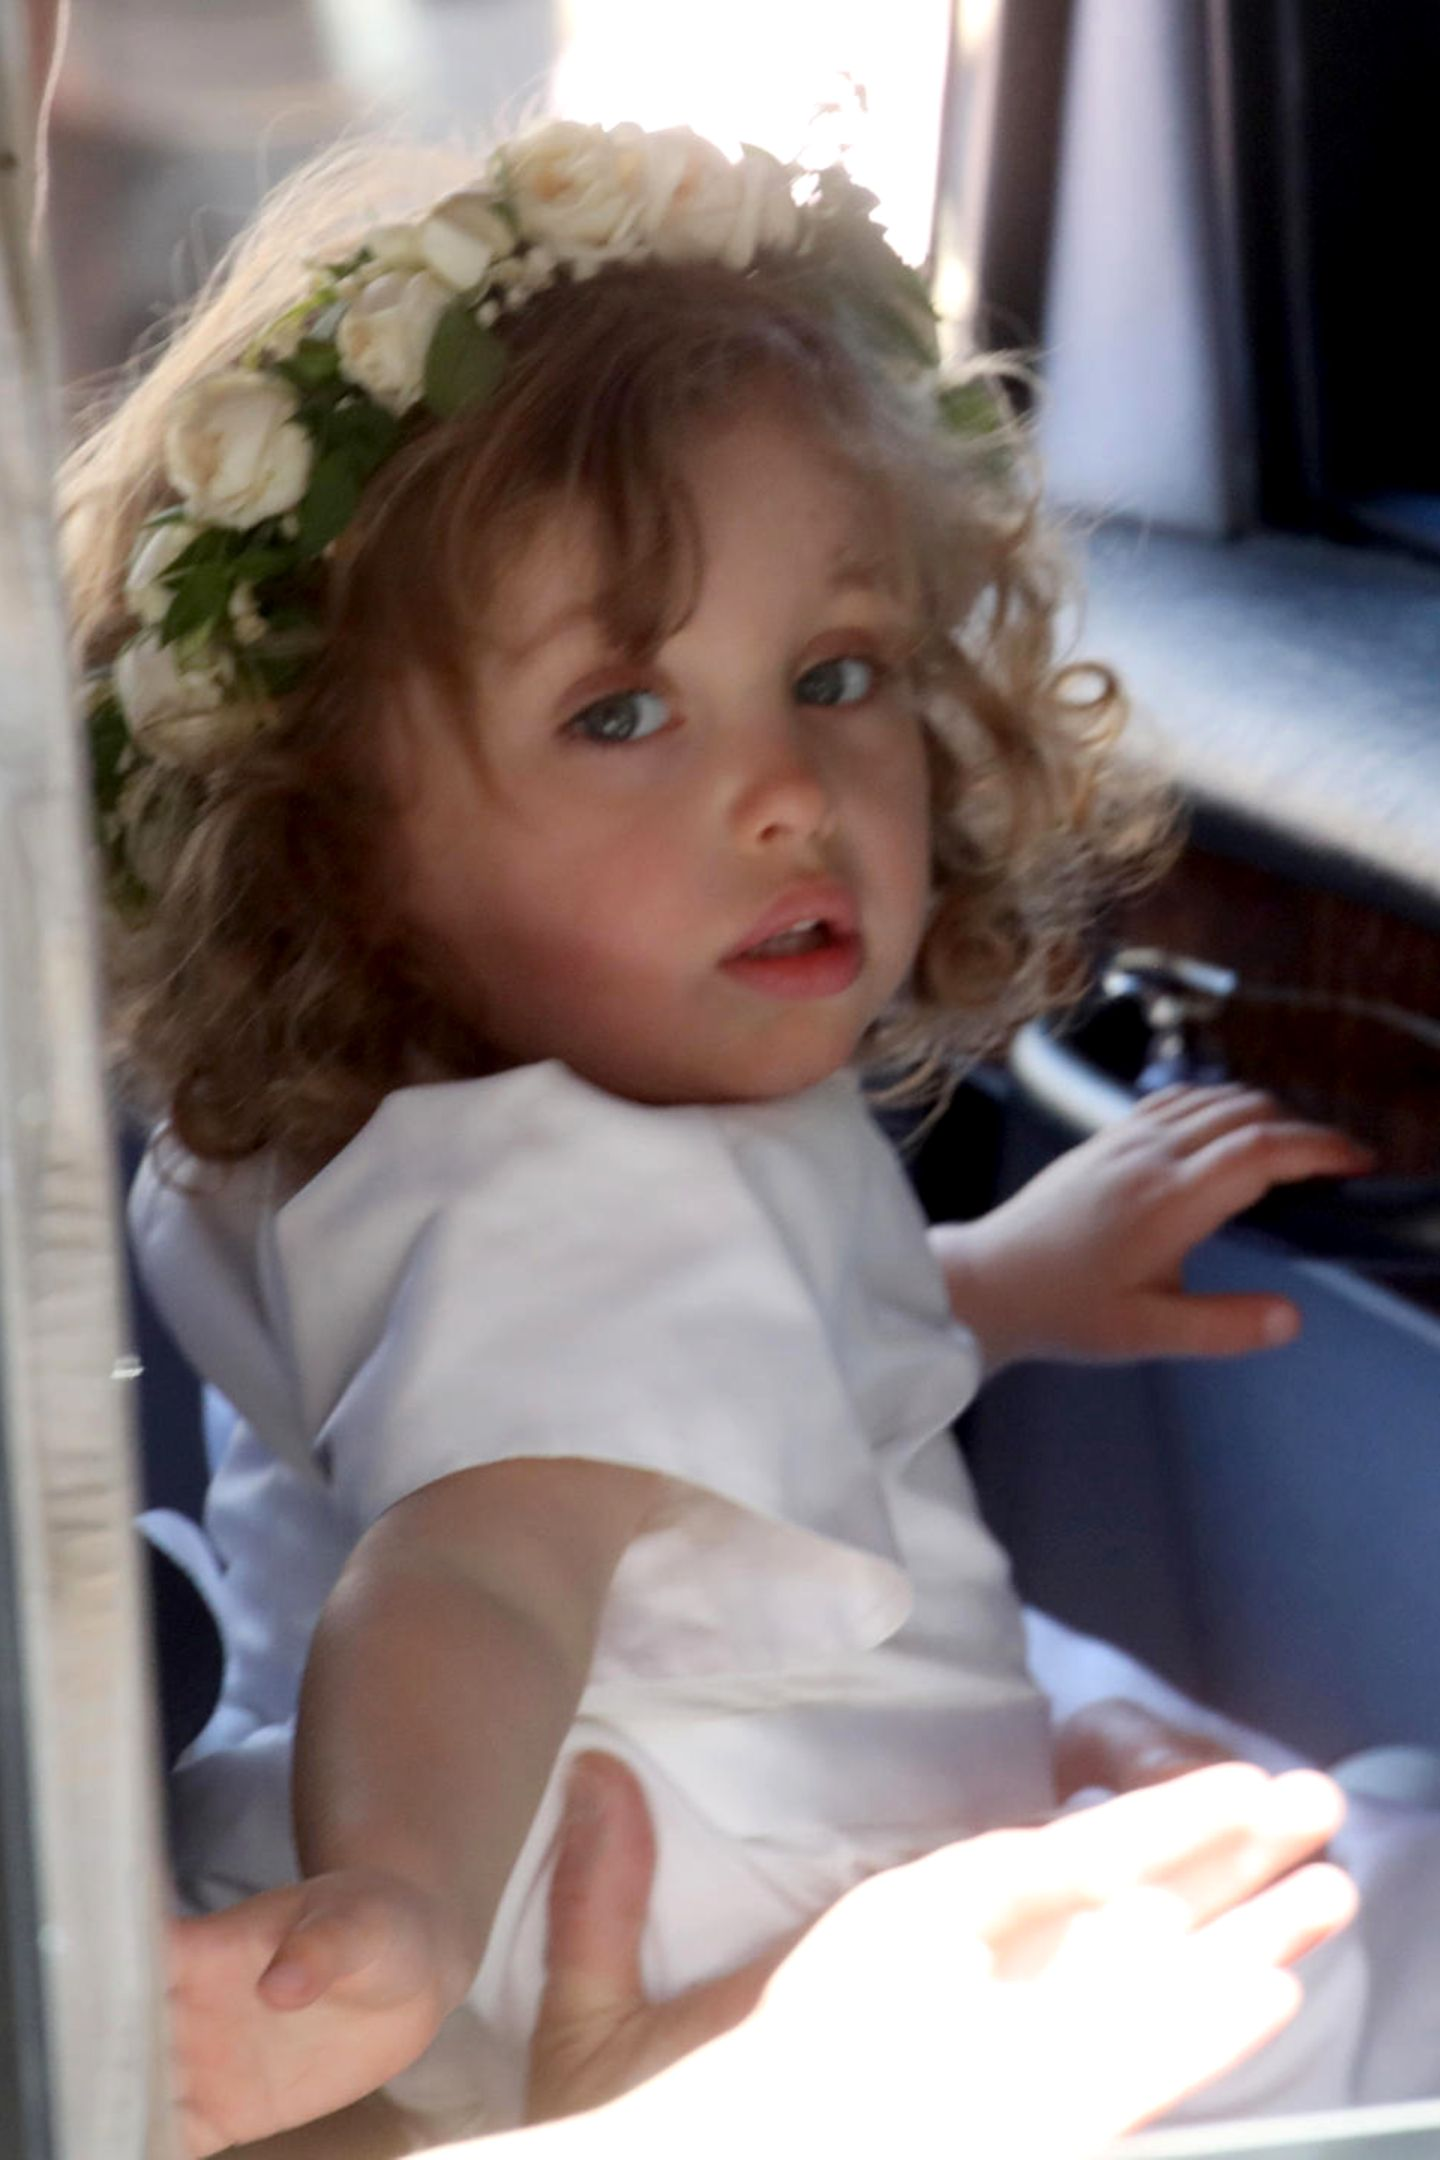 Zalie Warren  Zalie Warren ist die süße Tochter von Harrys Freunden Zoe und Jake Warren. Bei der Hochzeit von Harry und Meghan war sie Blumenmädchen. Wird sie bald die kleine Spielkameradin von Baby Sussex?